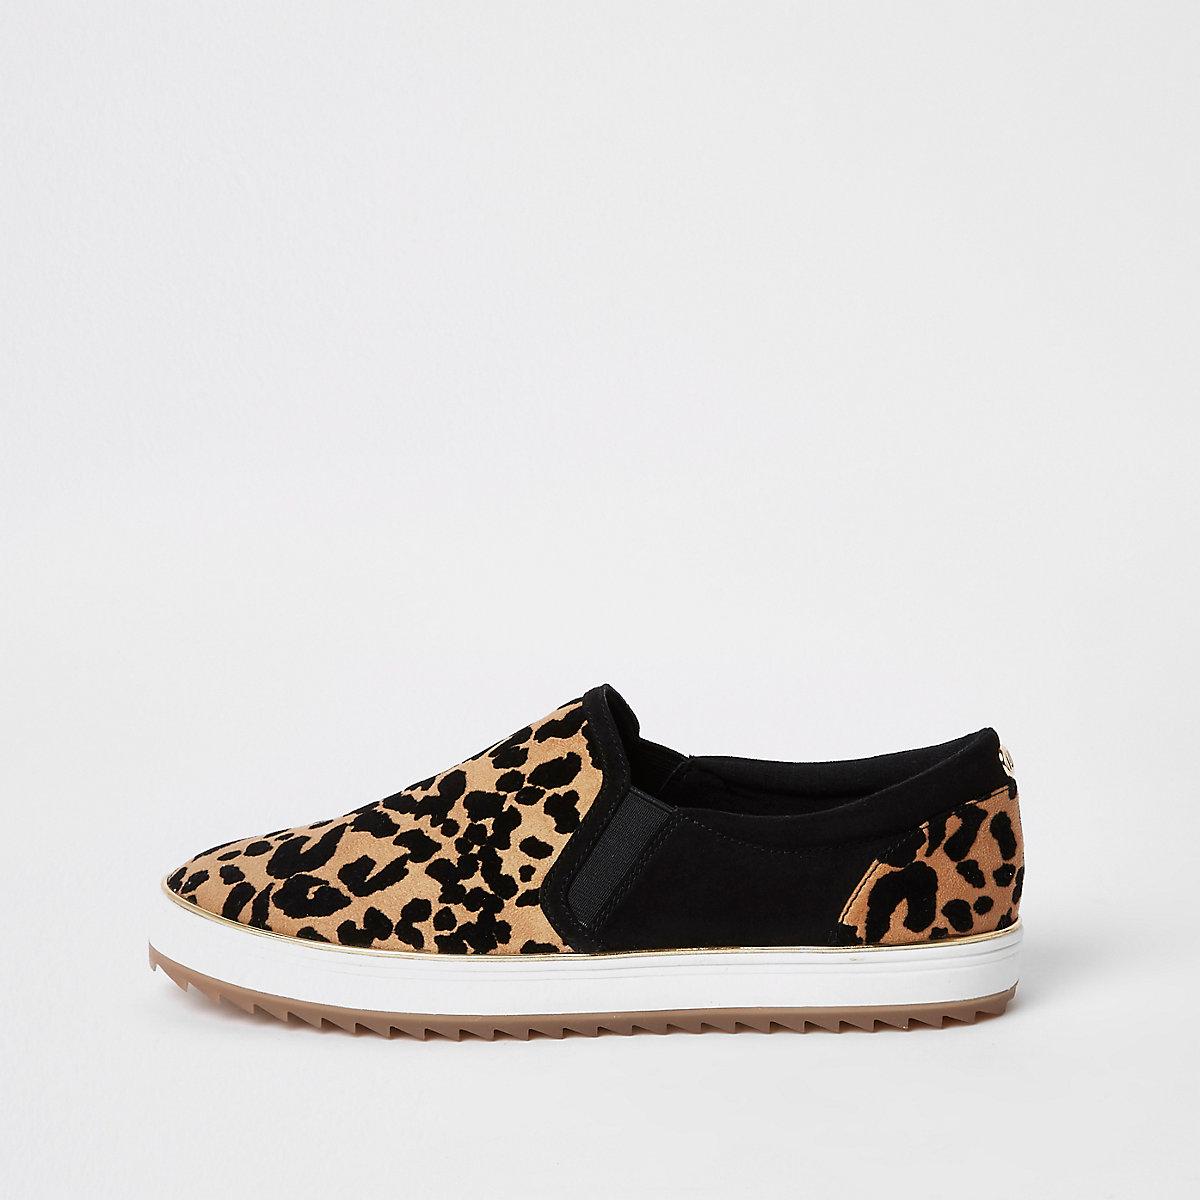 Brown leopard print slip on sneakers